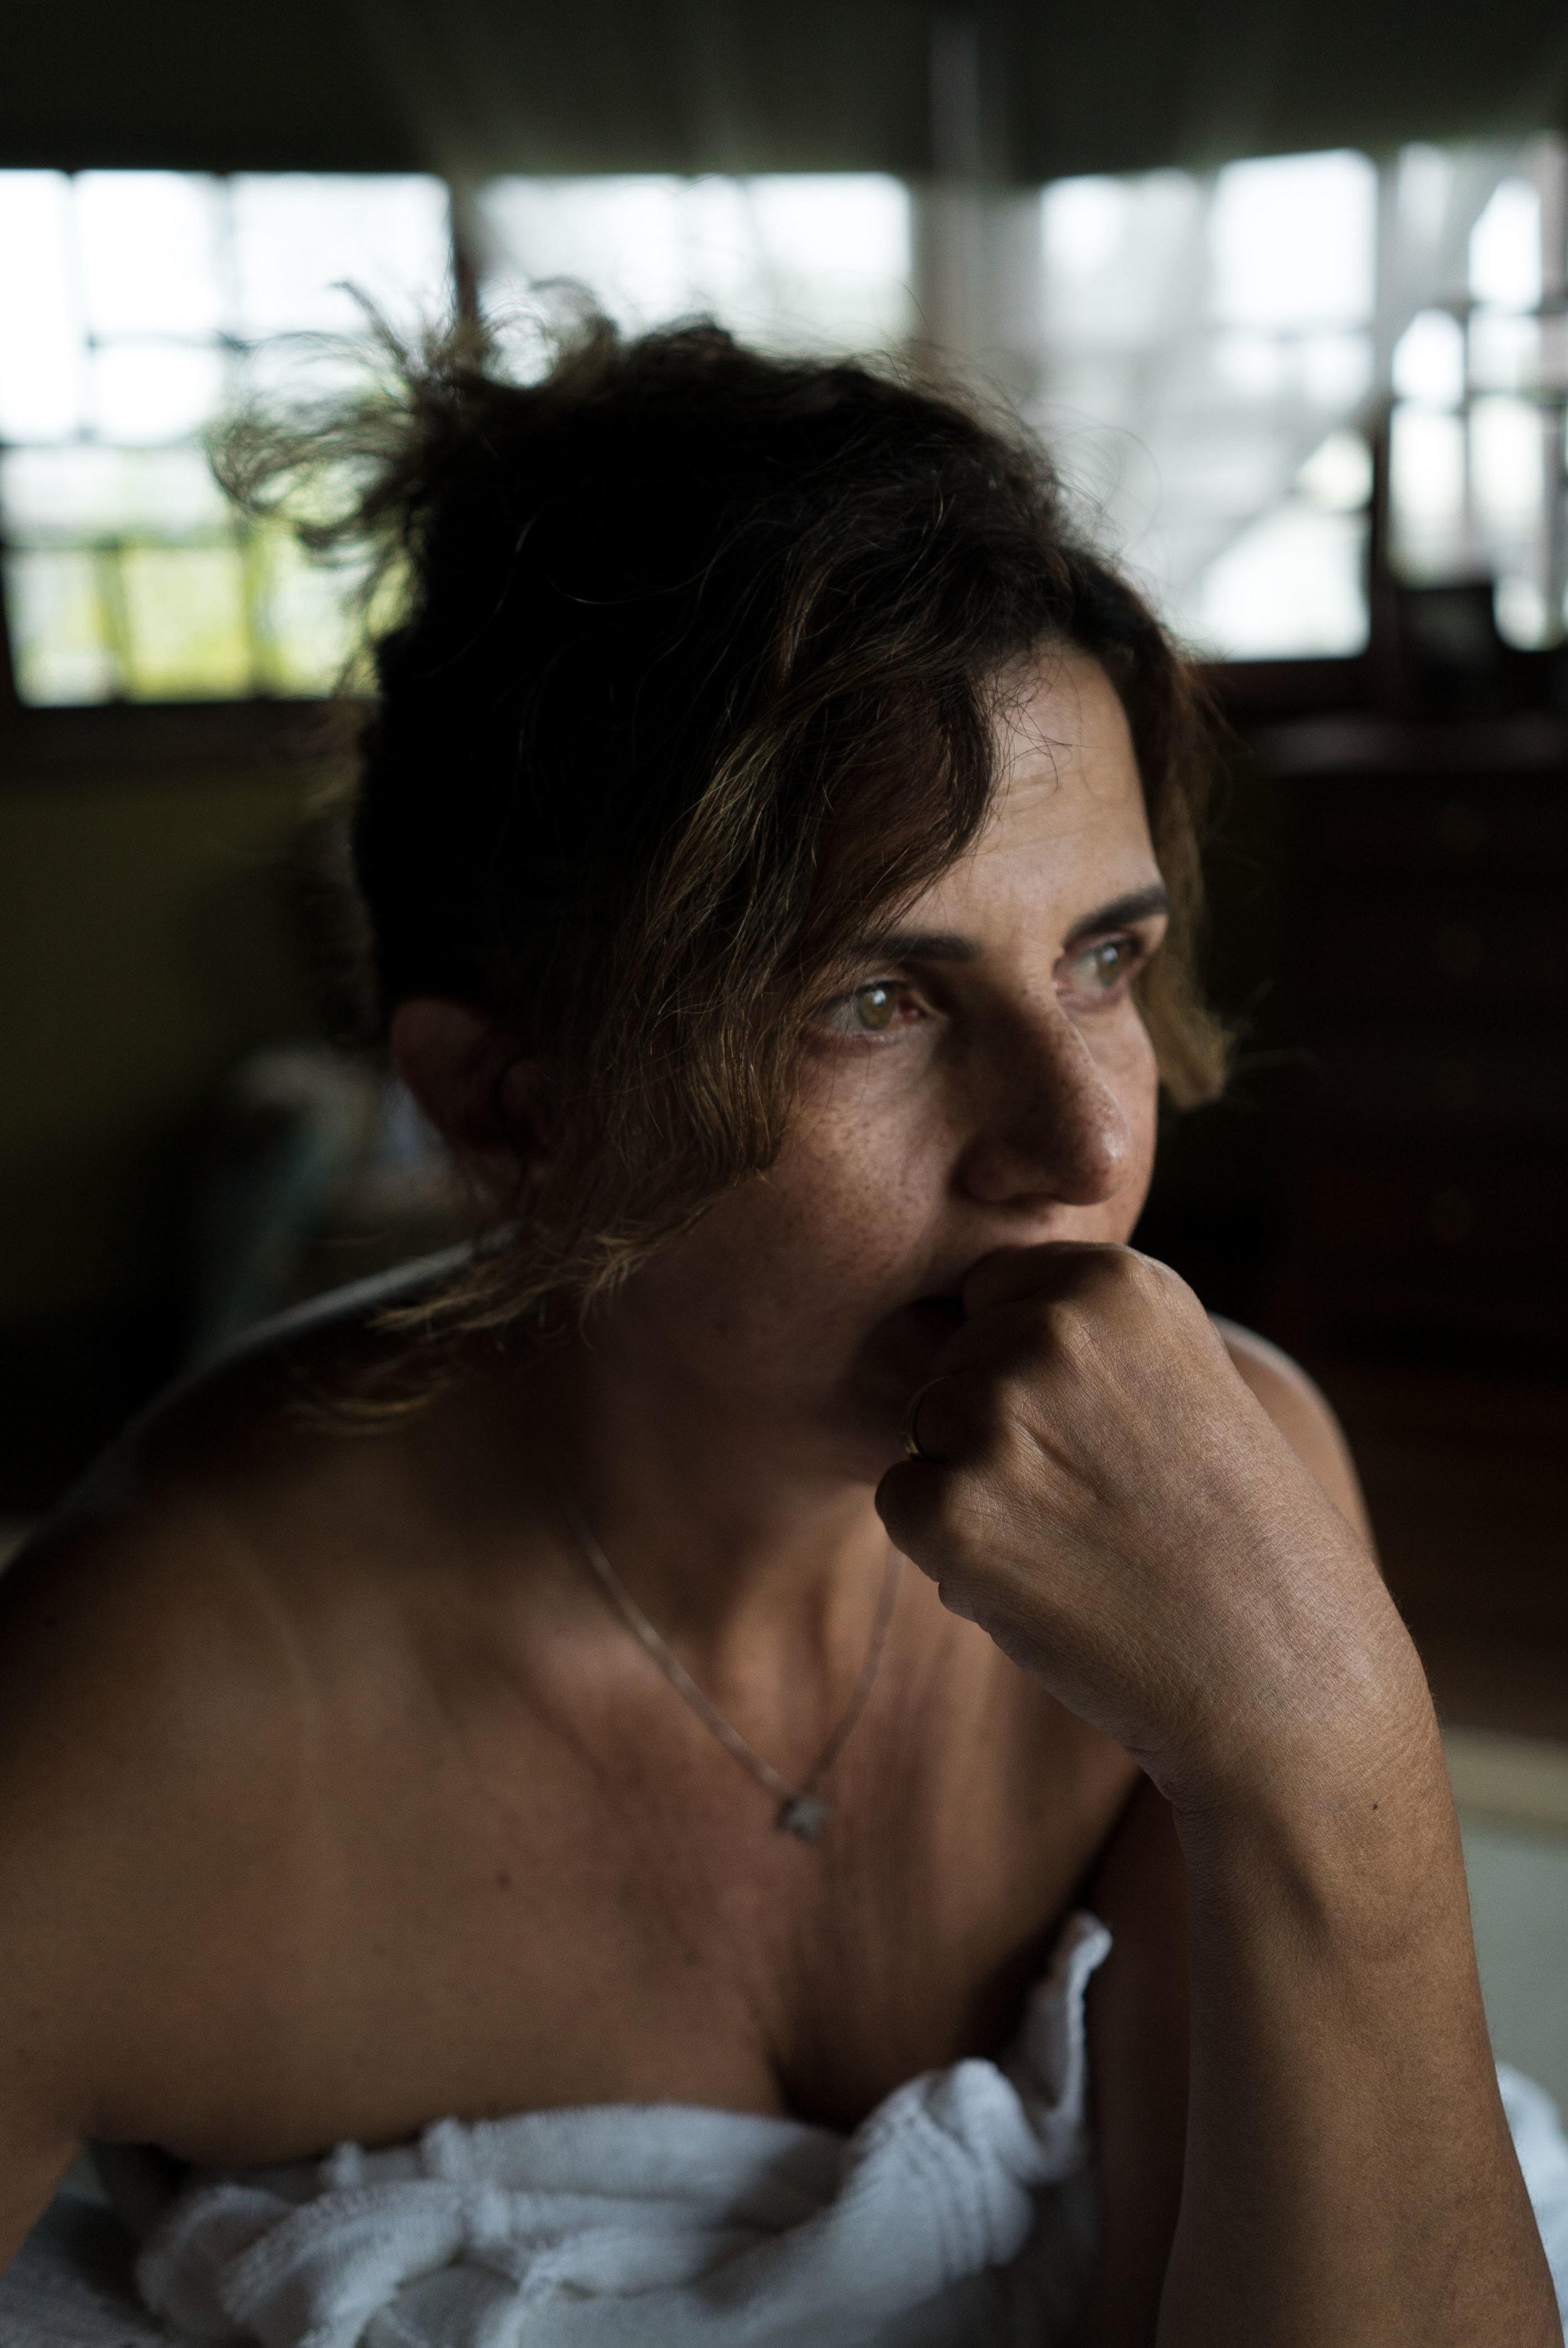 LuisaDale-PESSOAL-Retratos-Aleatoriosparamentoria-BSB-fev-19-pq-14.jpg